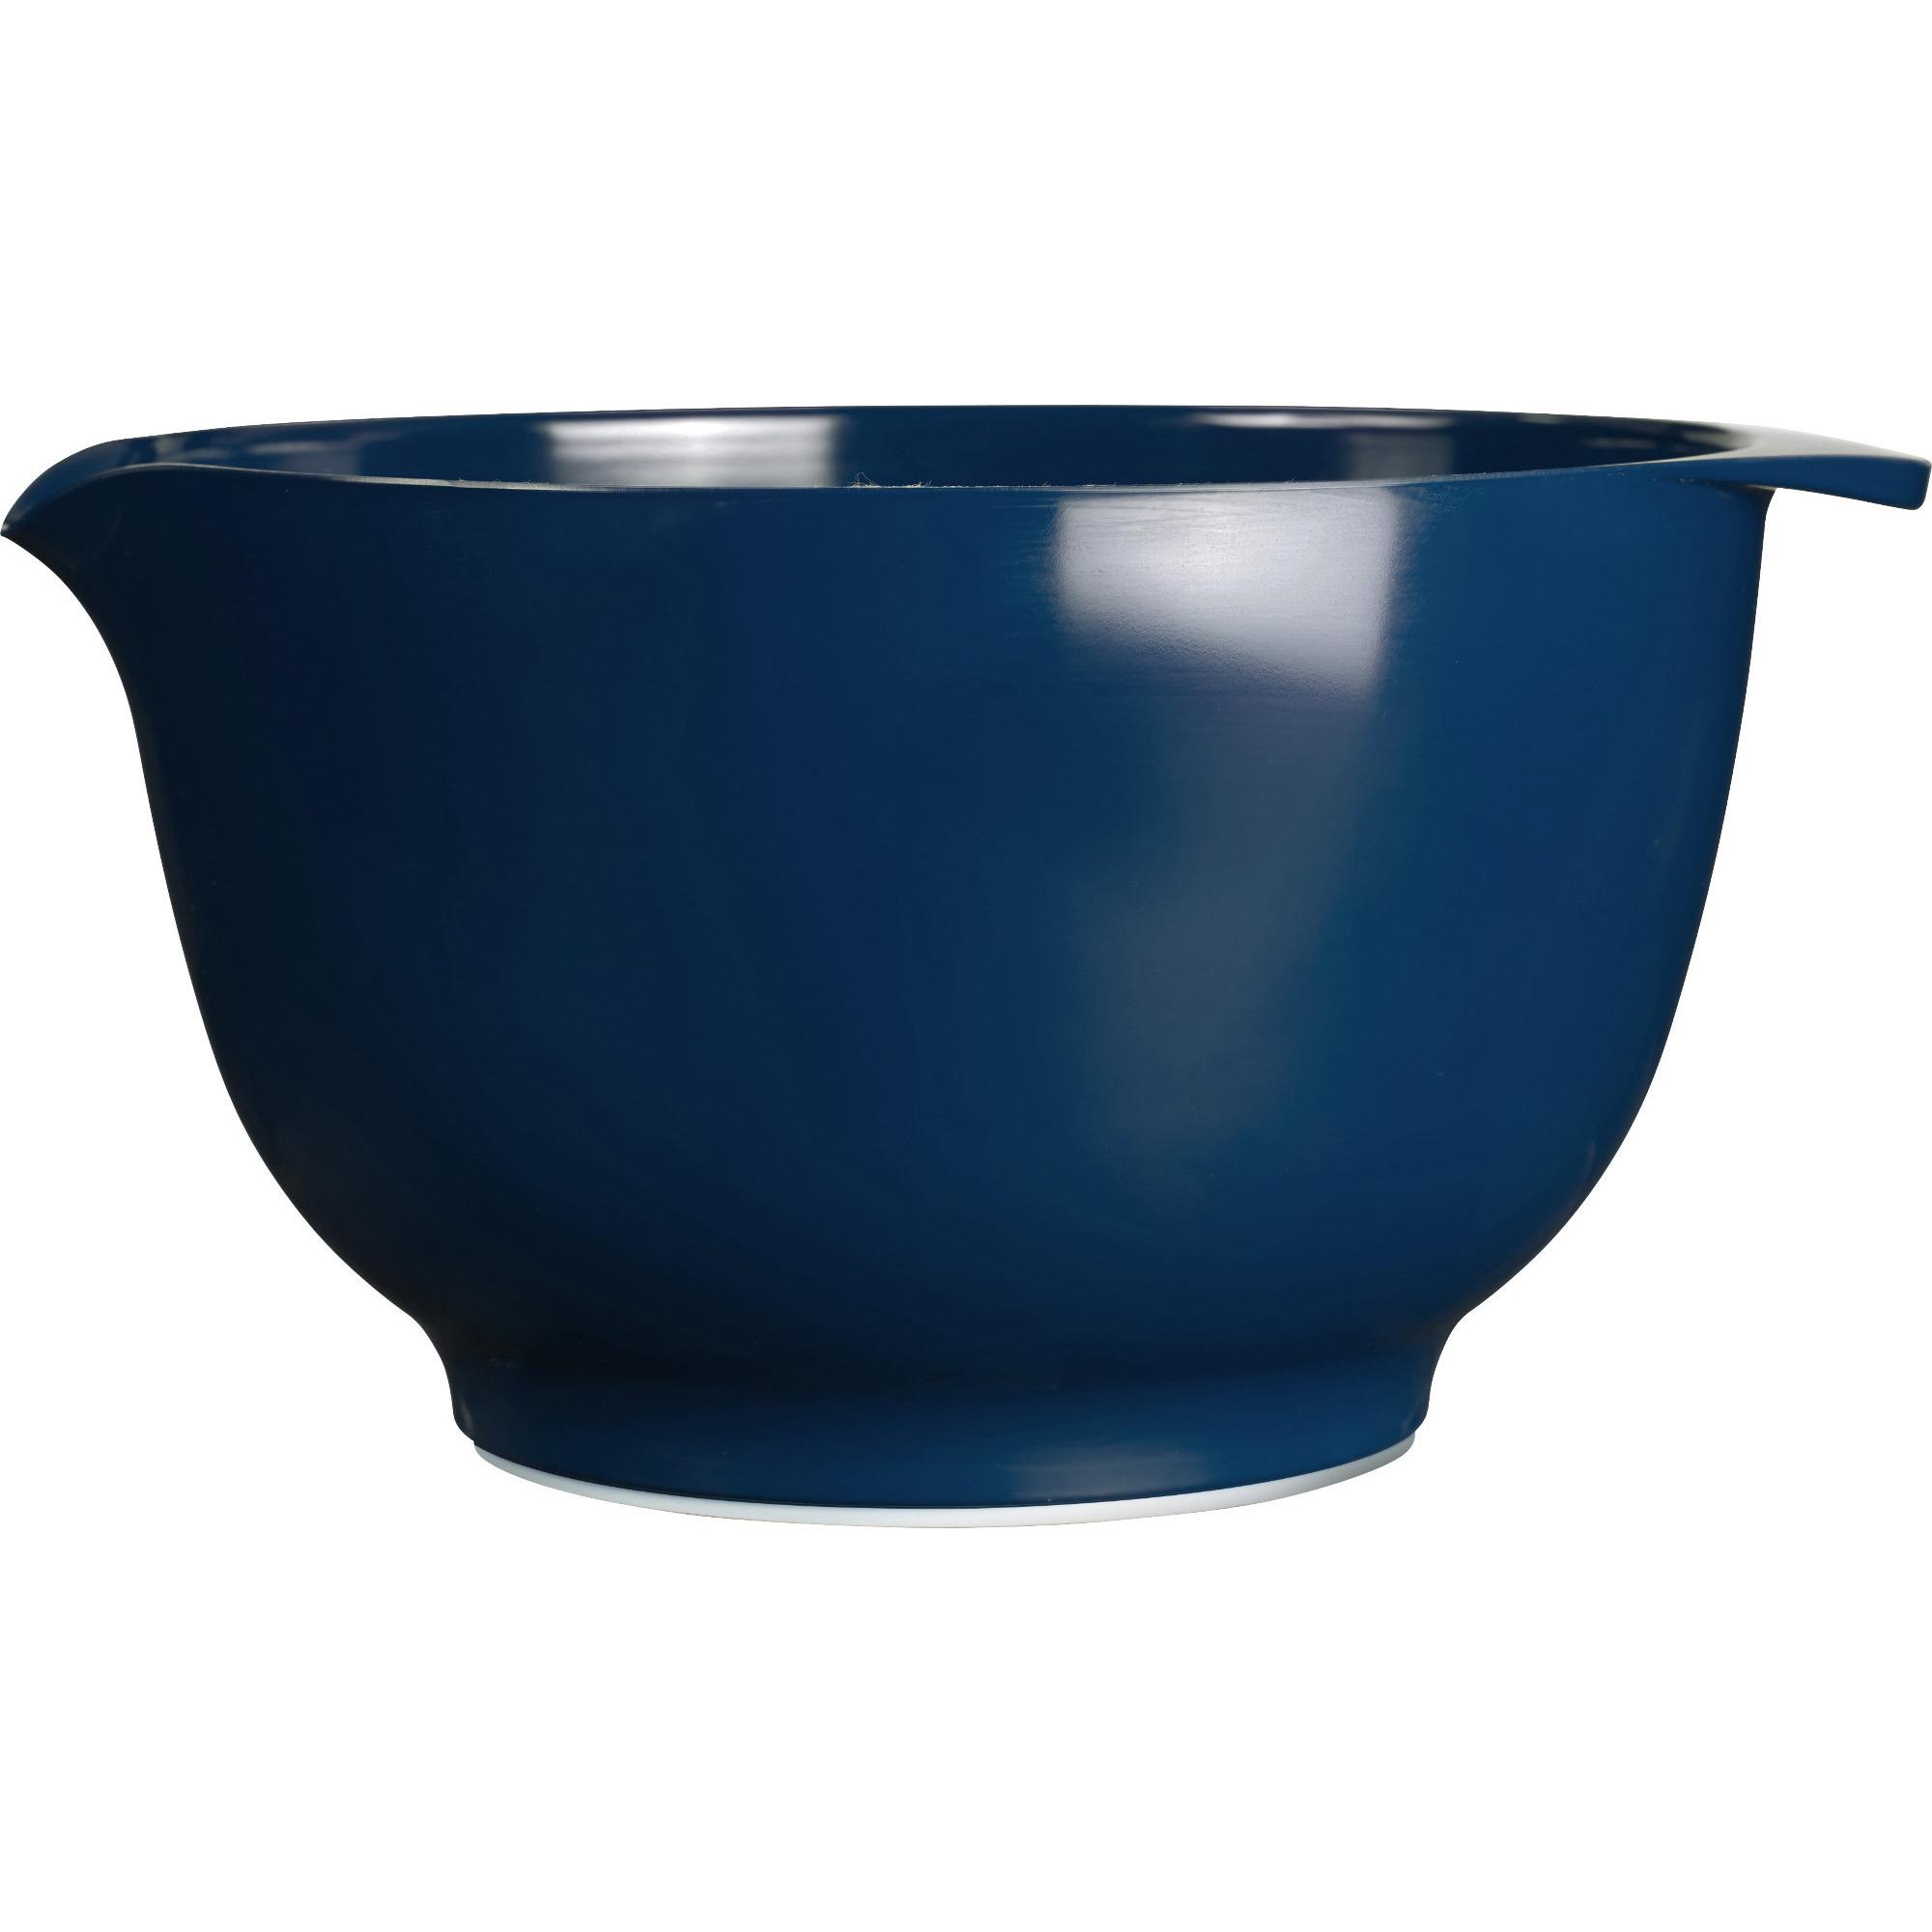 Rosti Mepal Margrethe Skål 3 L Indigo Blue